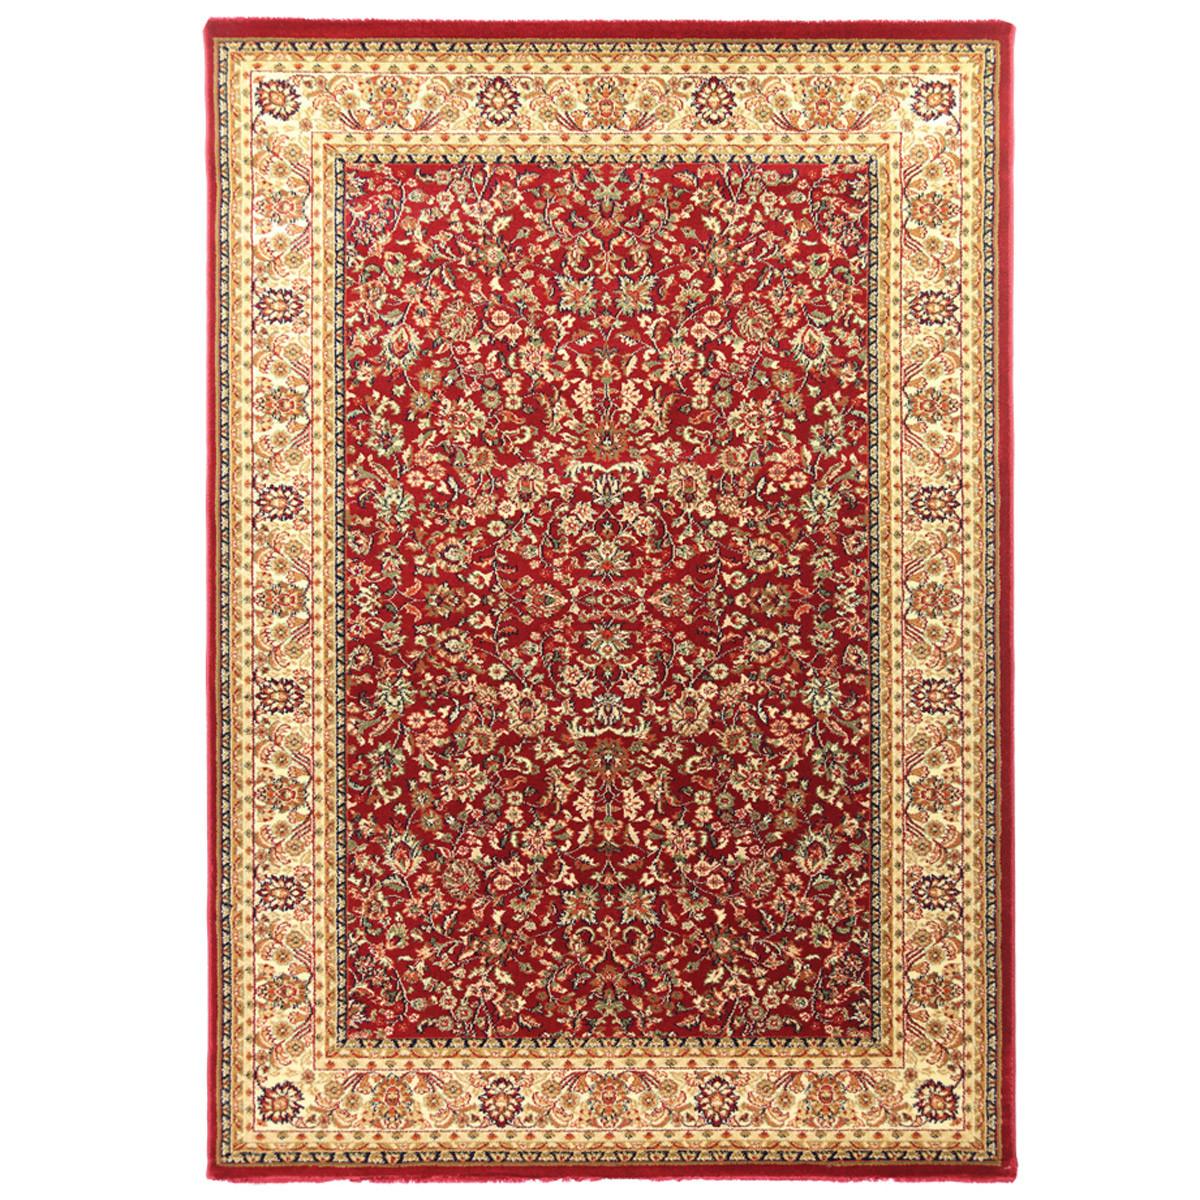 Χαλιά Κρεβατοκάμαρας (Σετ 3τμχ) Royal Carpets Olympia 8595E Red